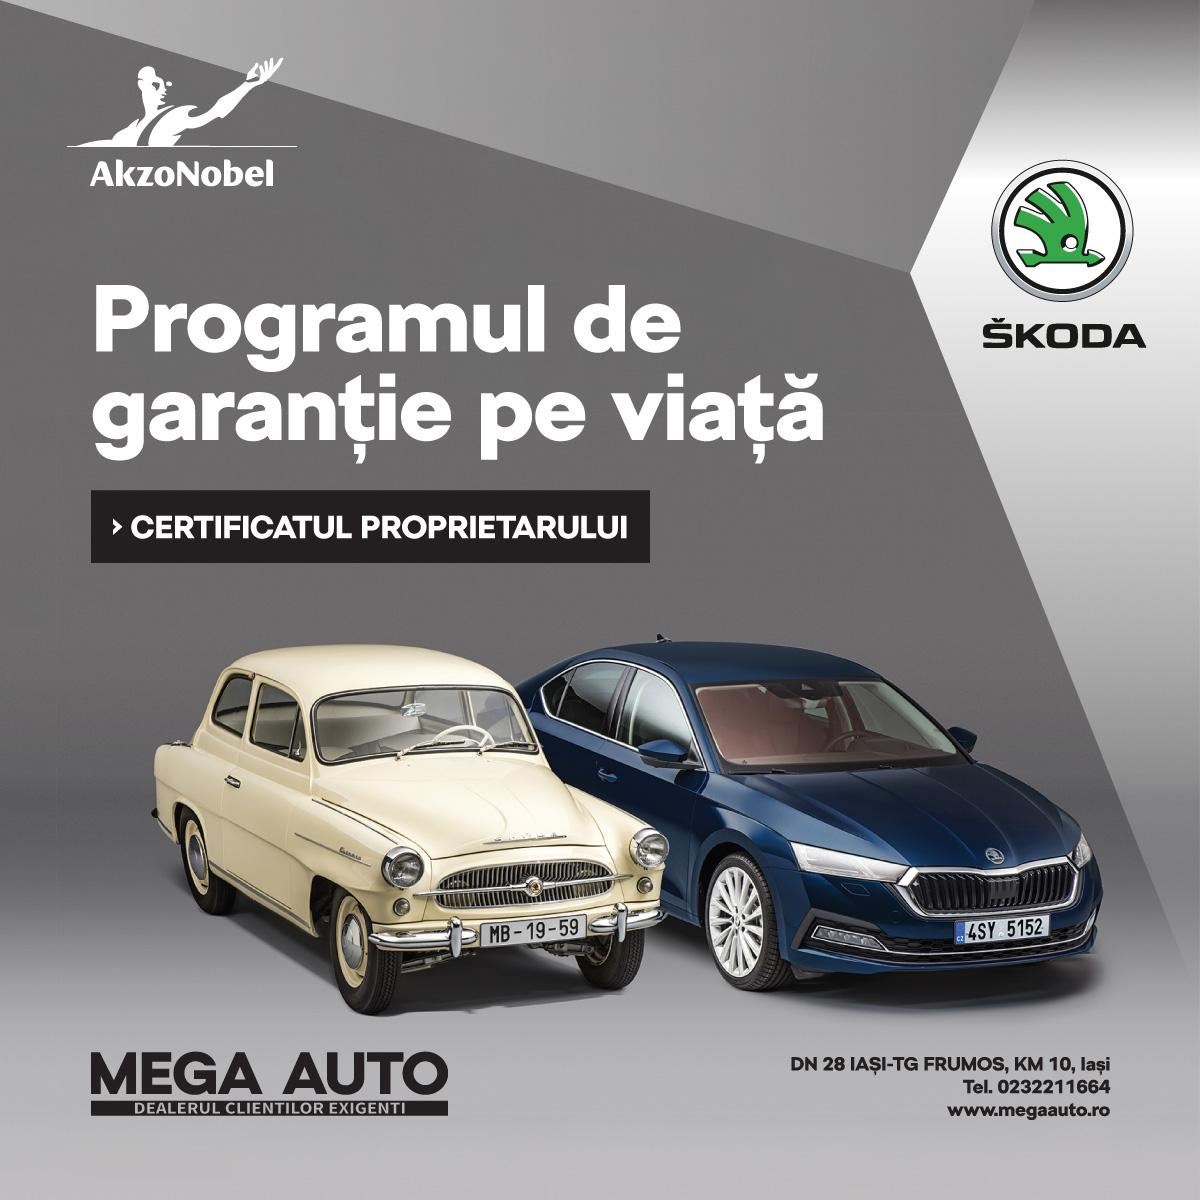 La ŠKODA Iași ai parte de garanție pe viață la vopsitoria auto